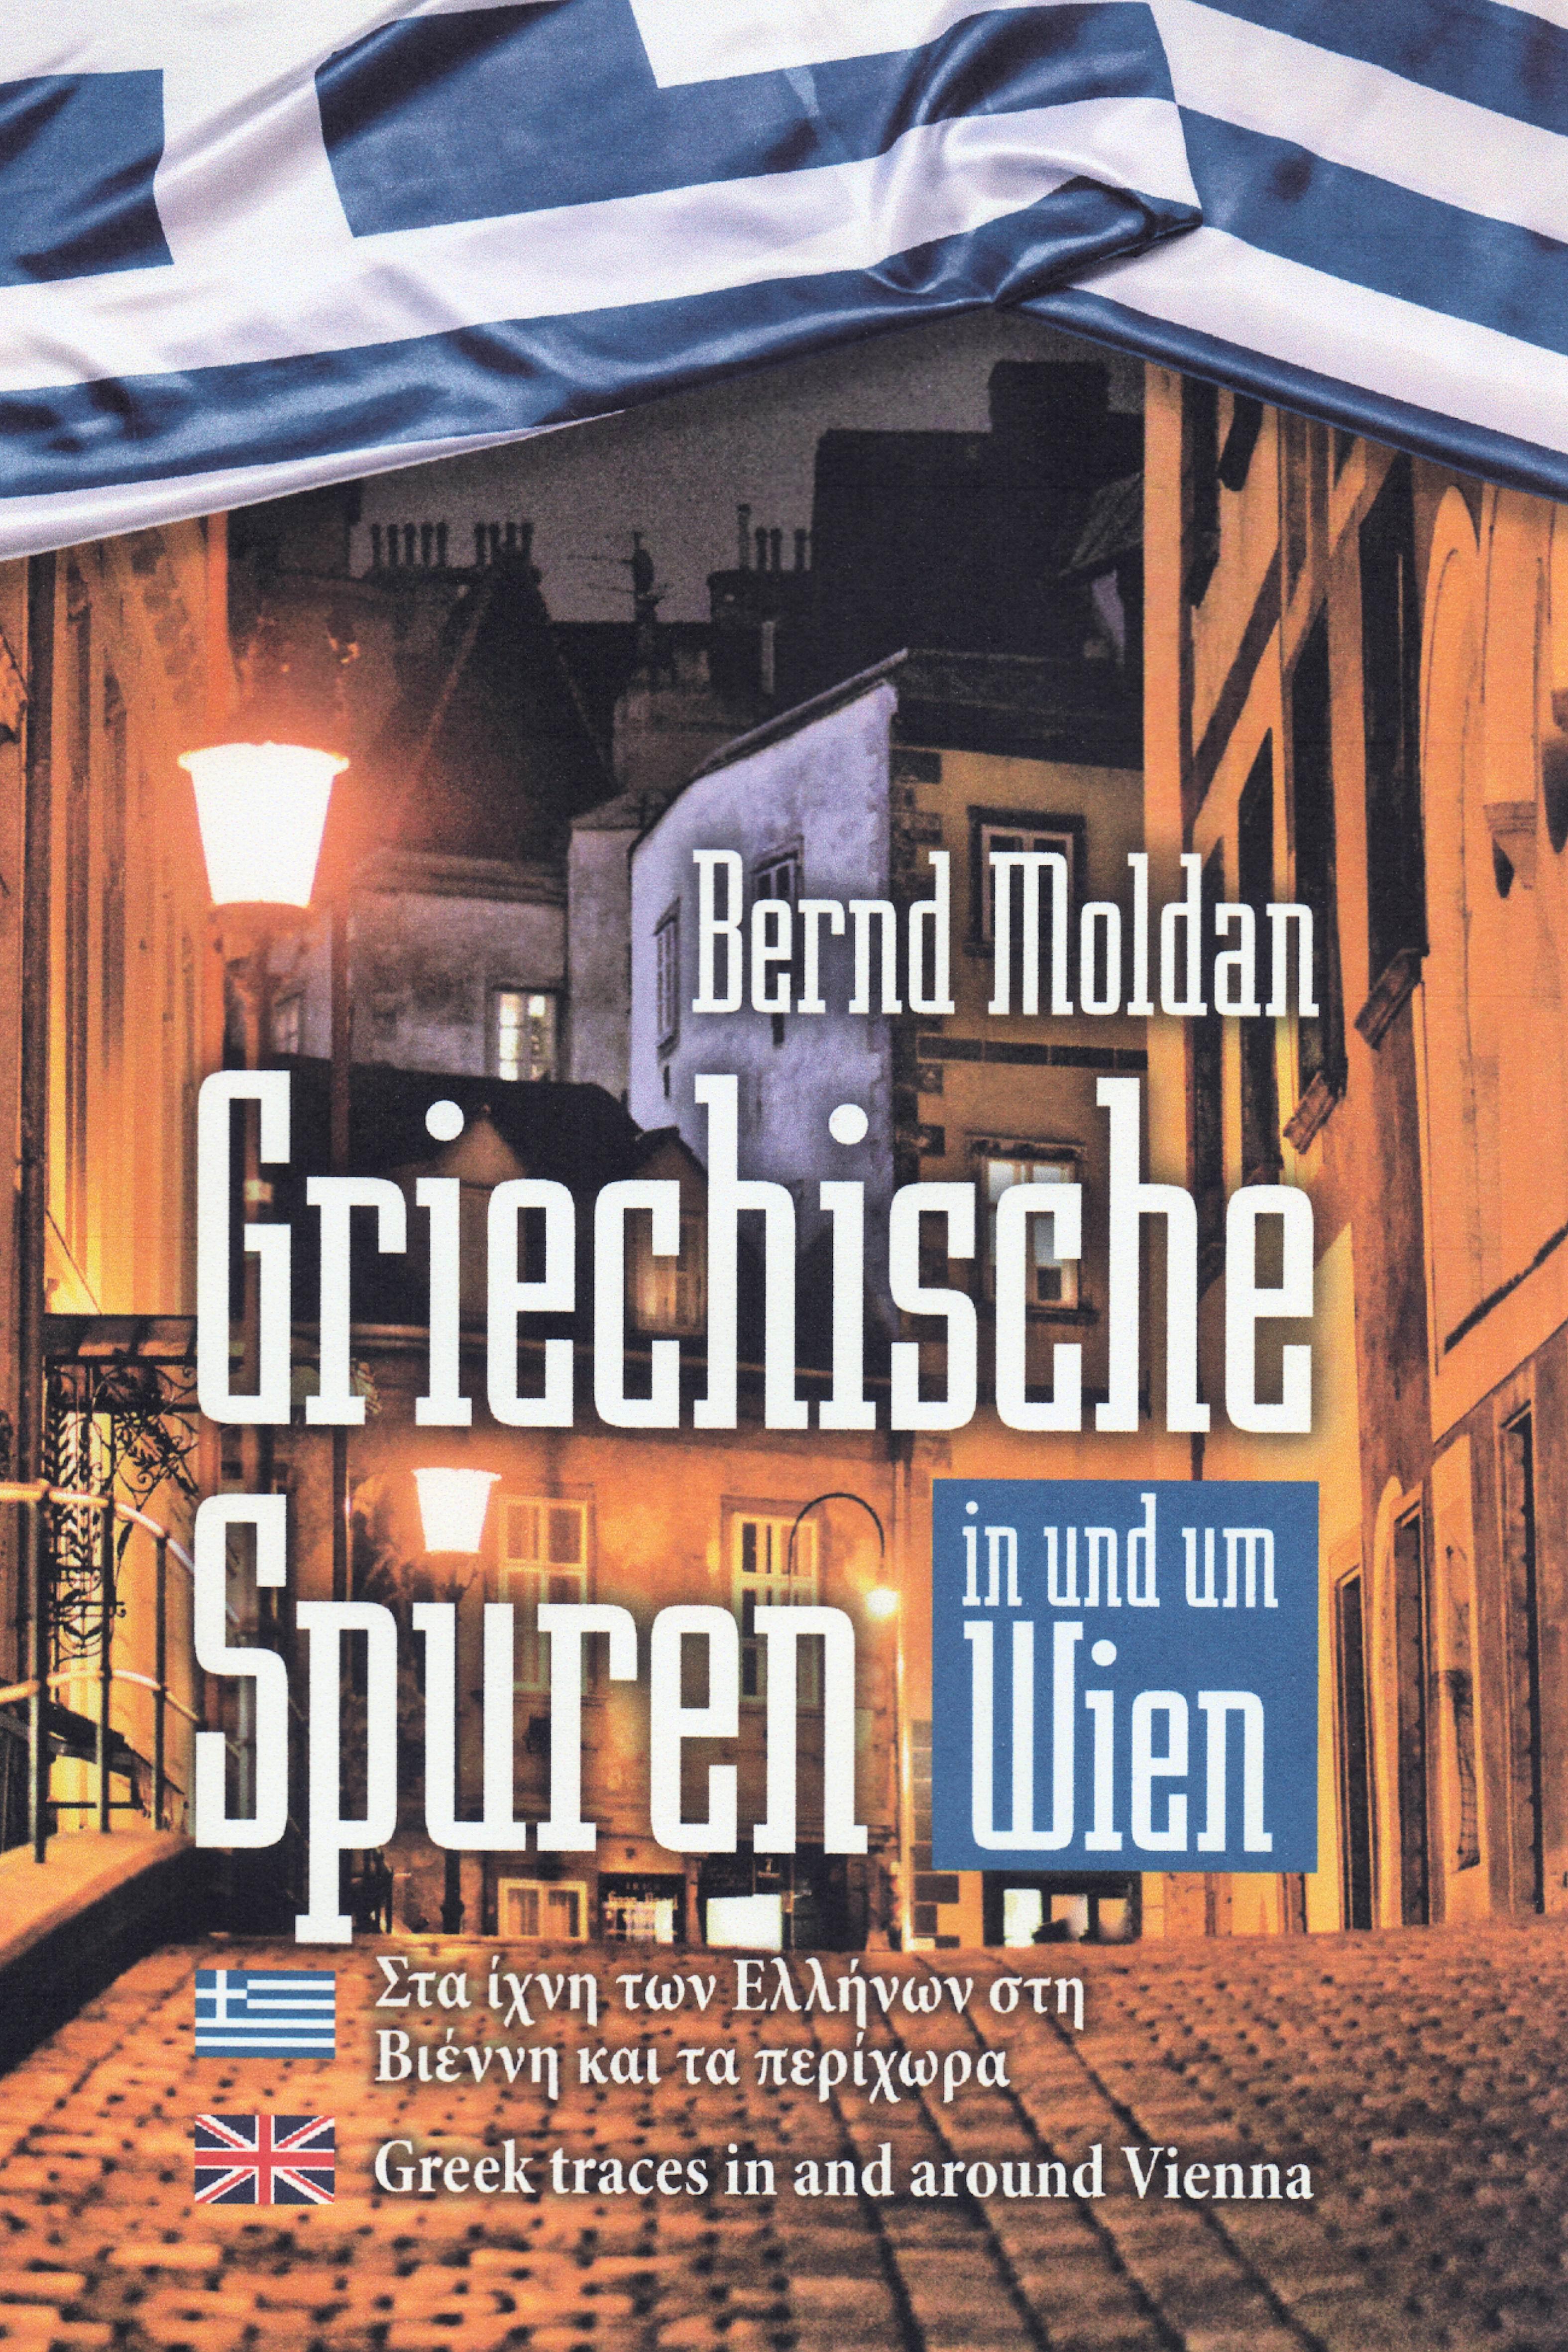 Παρουσίαση βιβλίου του κ. B. Moldan